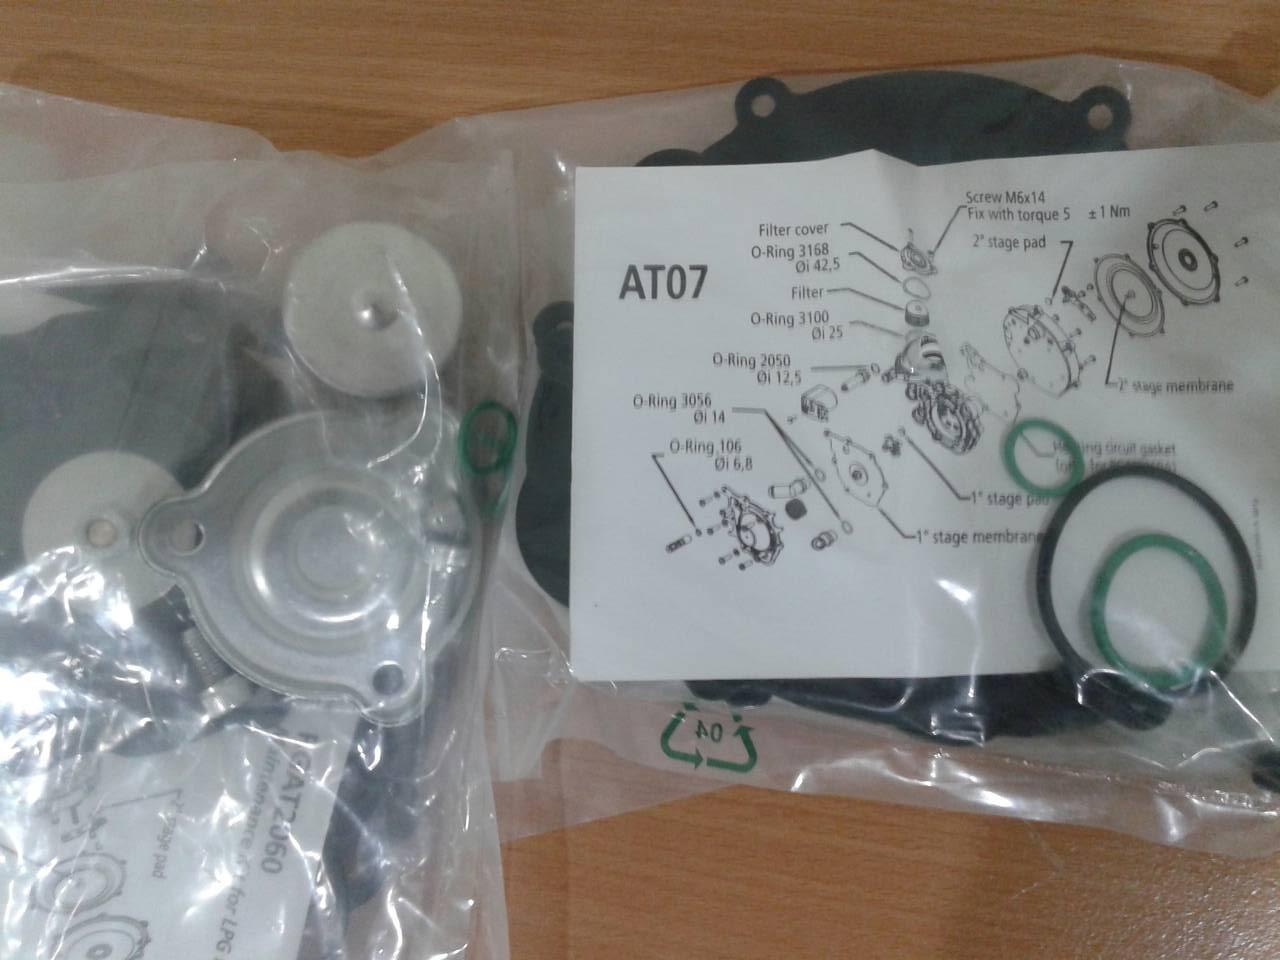 ชุดซ่อมหม้อต้มtomasetto AT07(ดูด)พร้อมกรองหม้อต้ม